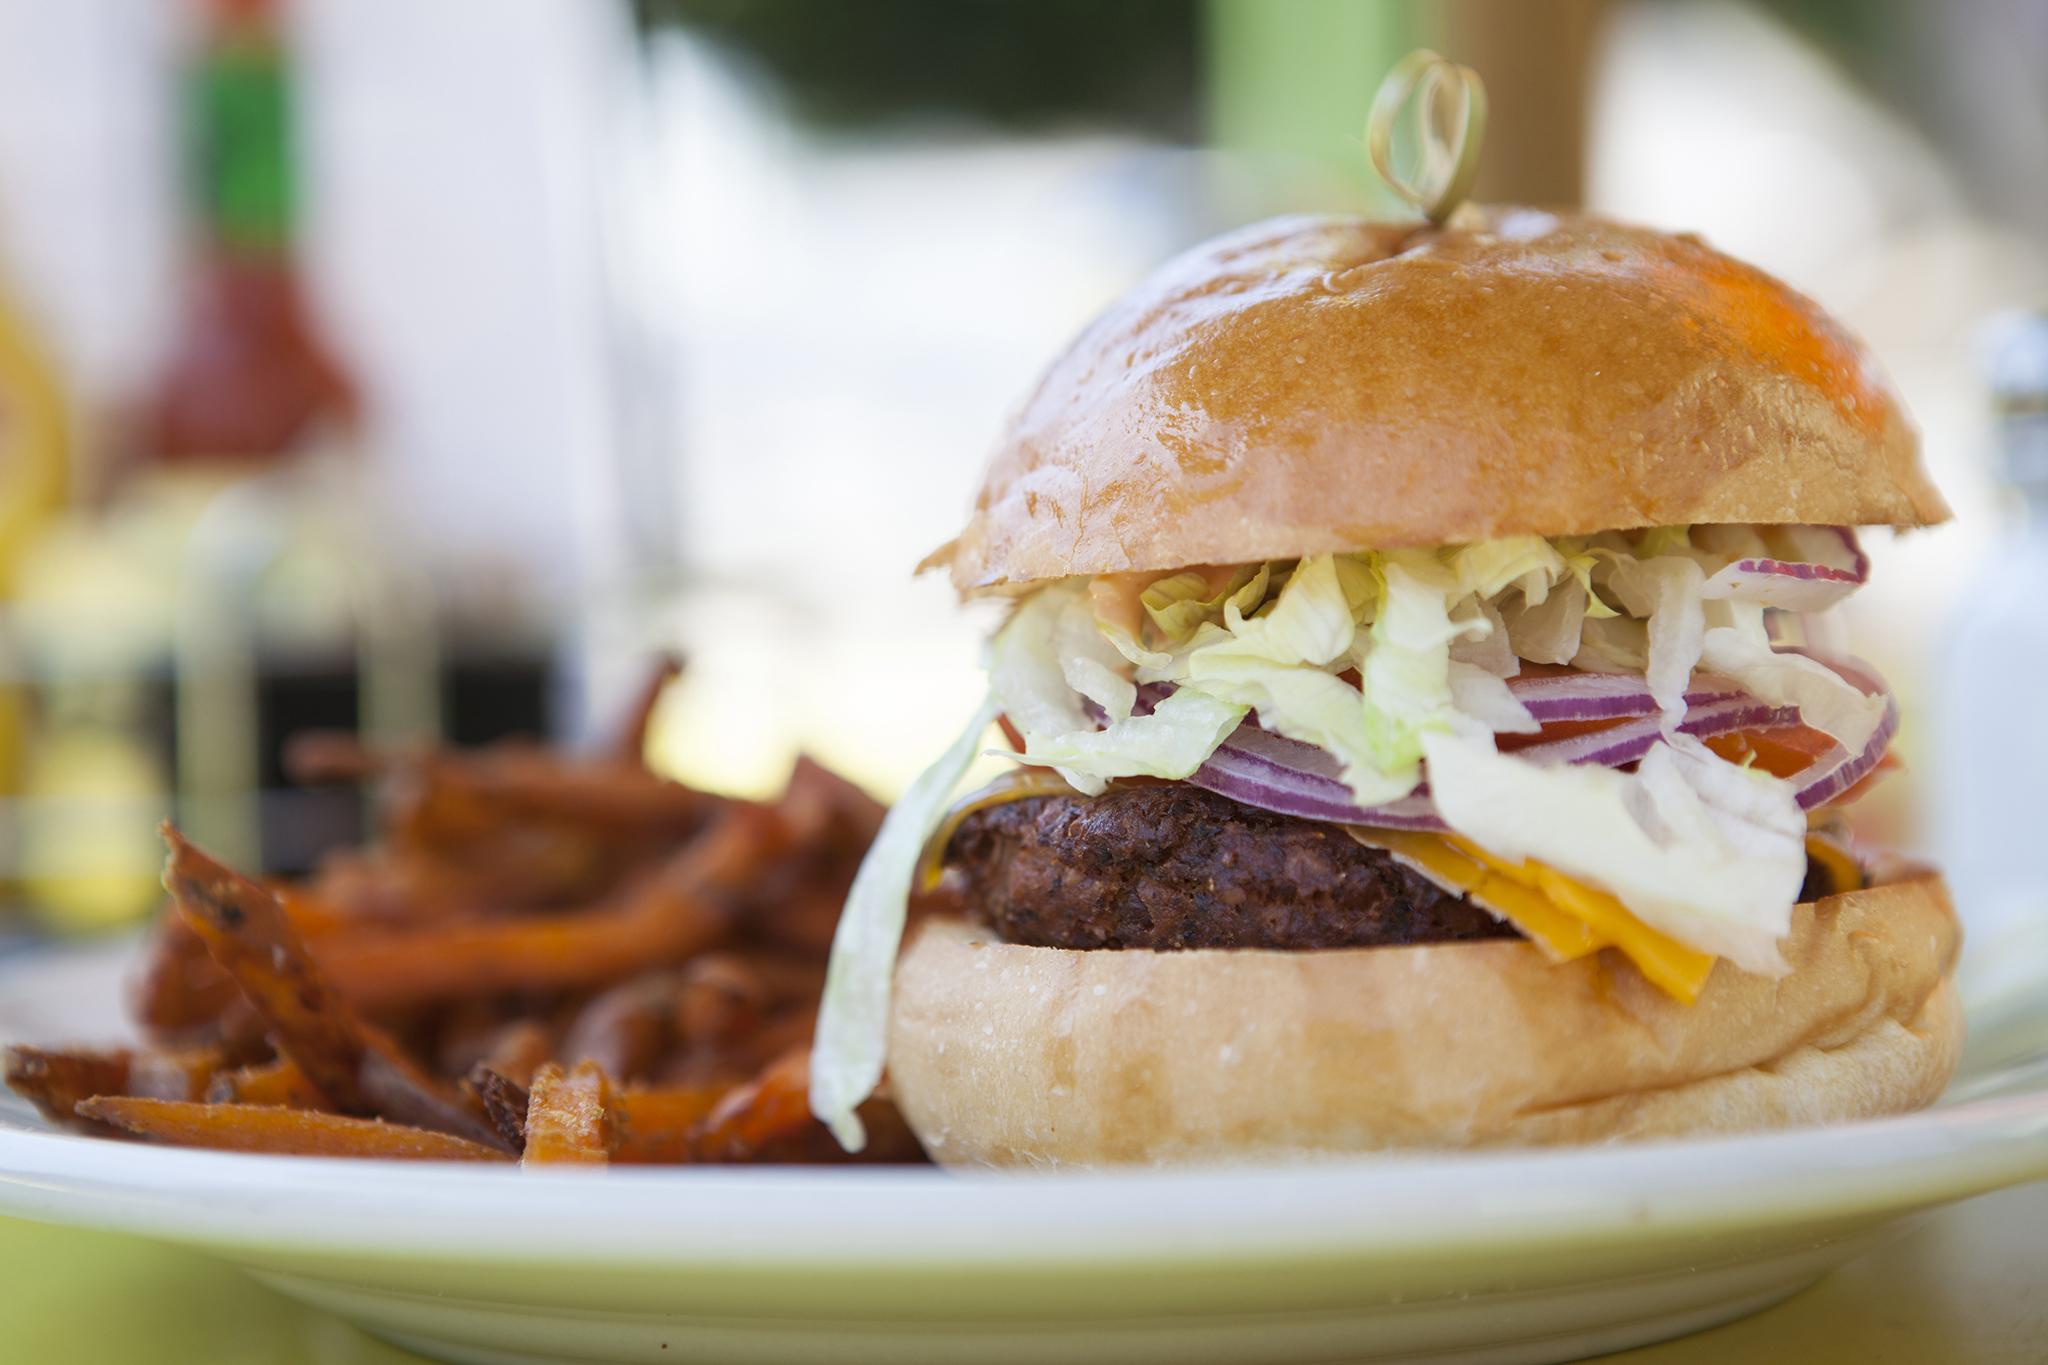 Grab free diner snacks at Fred 62's birthday celebration this weekend in Los Feliz